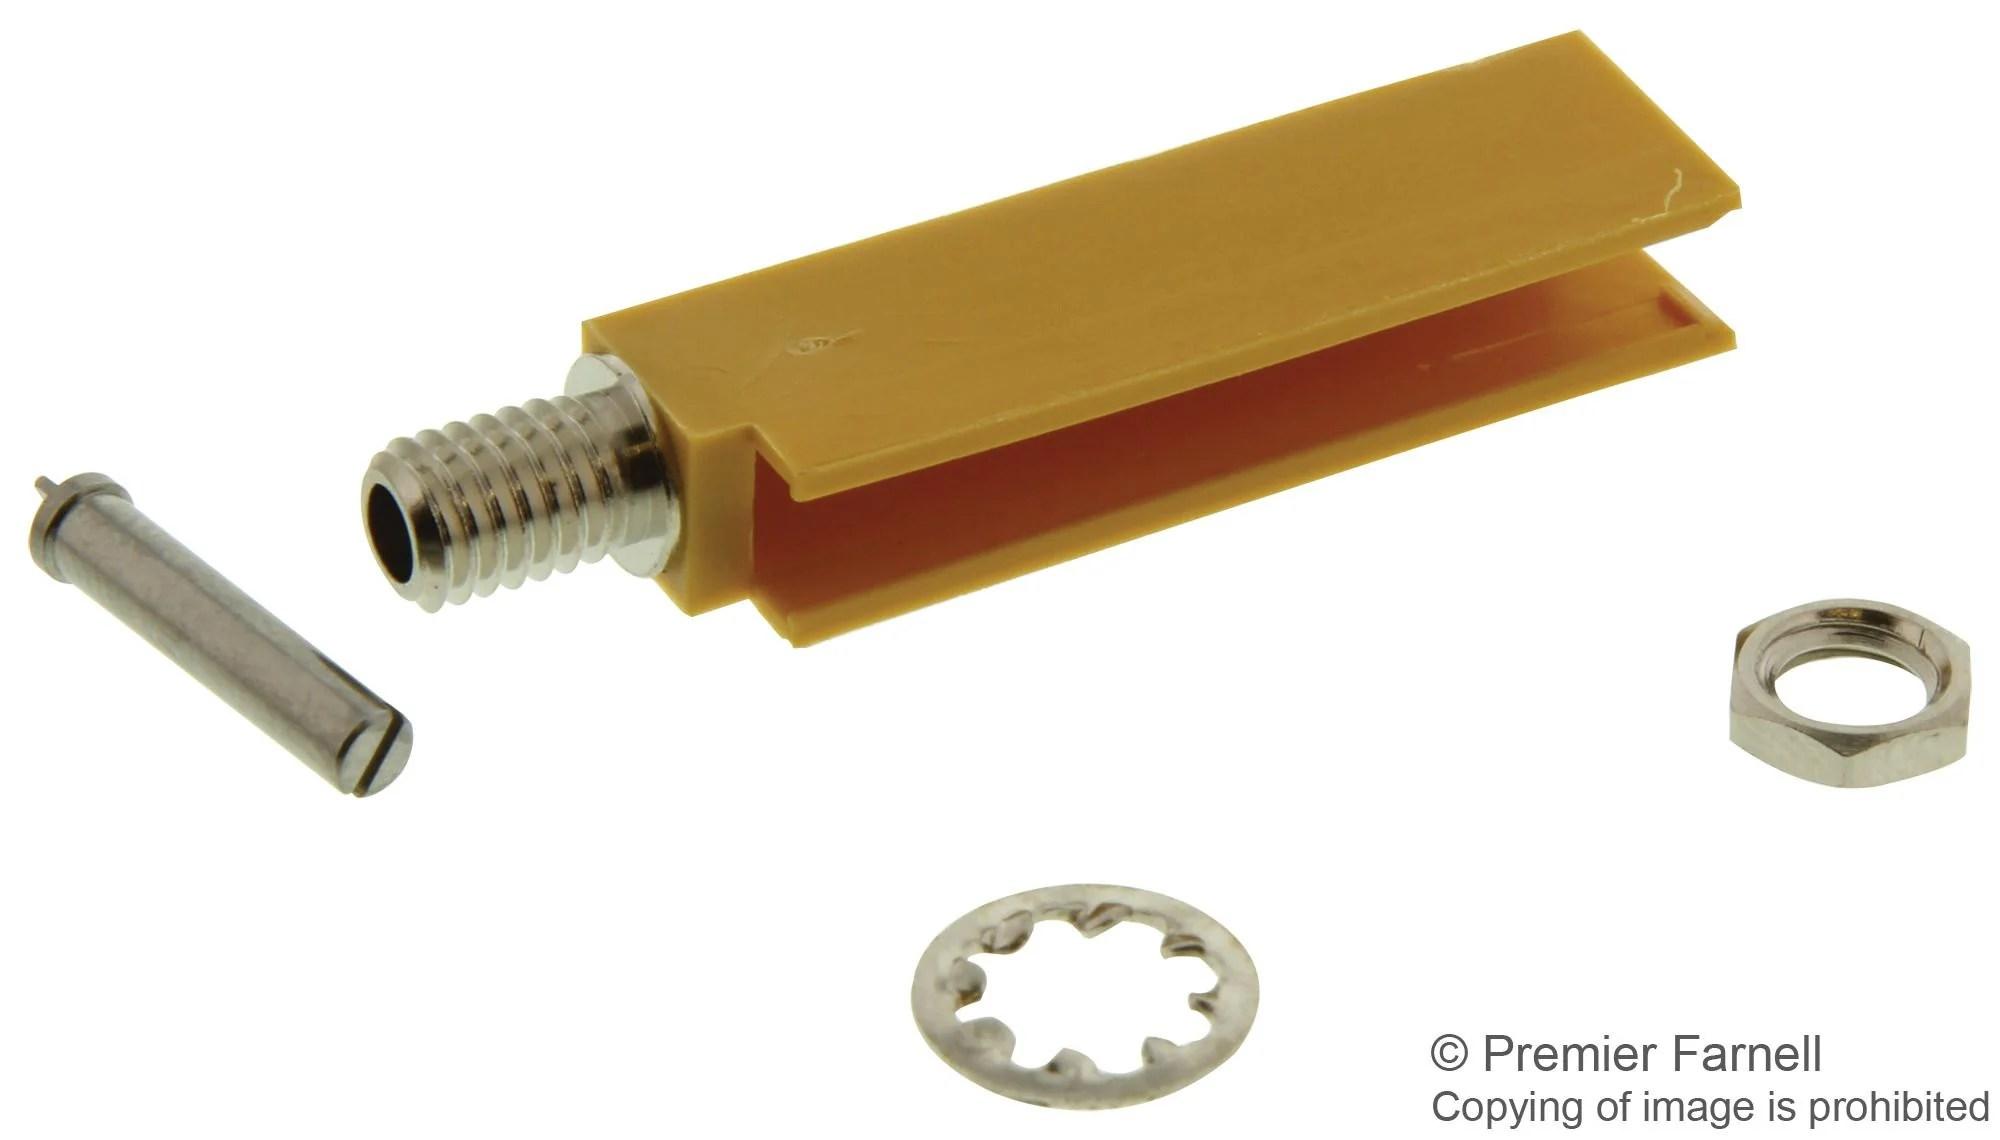 vishay 006 2 2 mounting bracket [ 2000 x 1140 Pixel ]